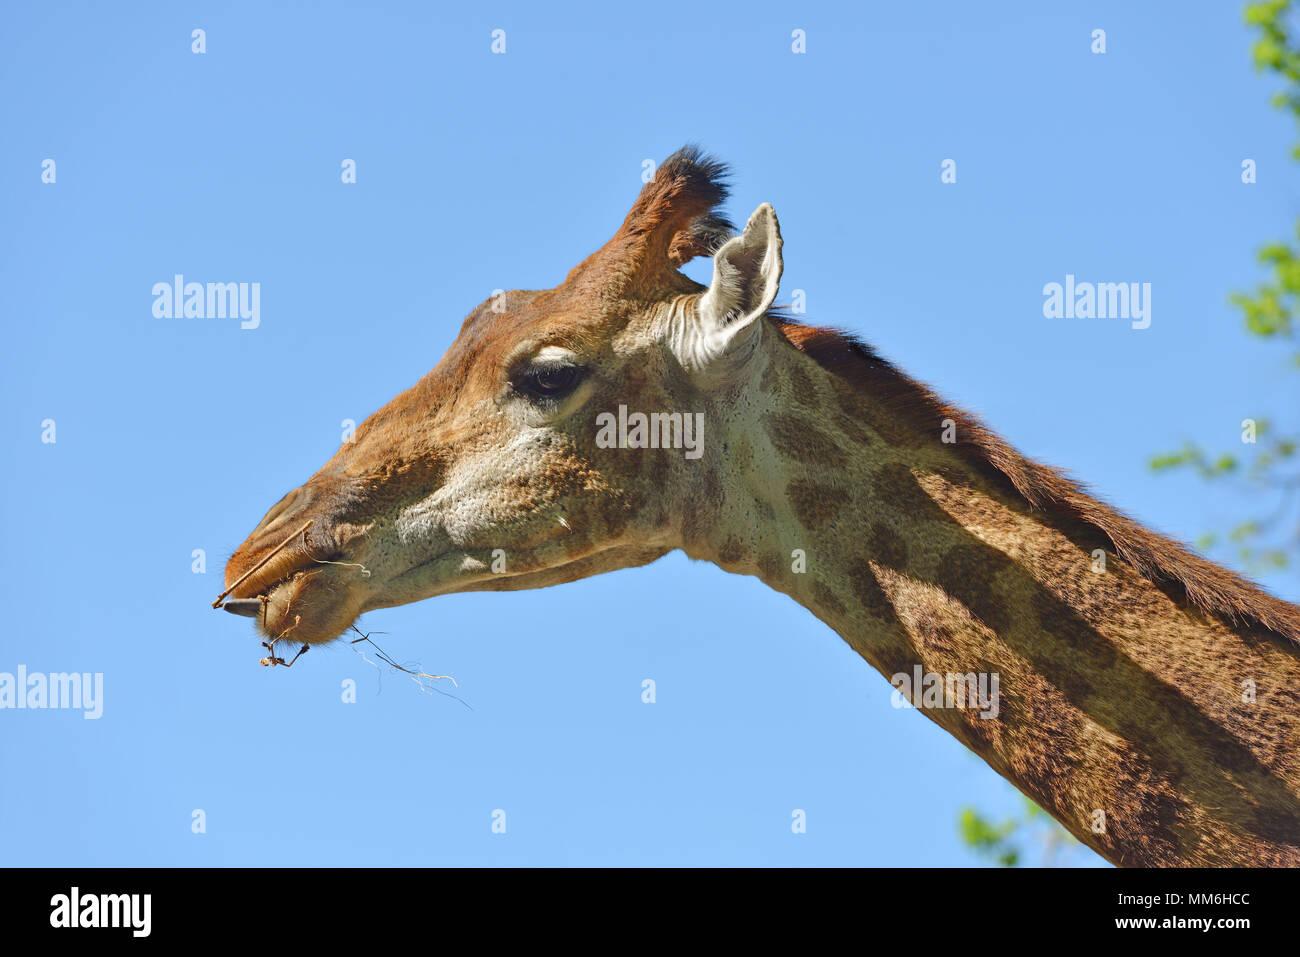 Girafe (Giraffa camelopardalis giraffa). Magnifique portrait contre le ciel bleu Photo Stock